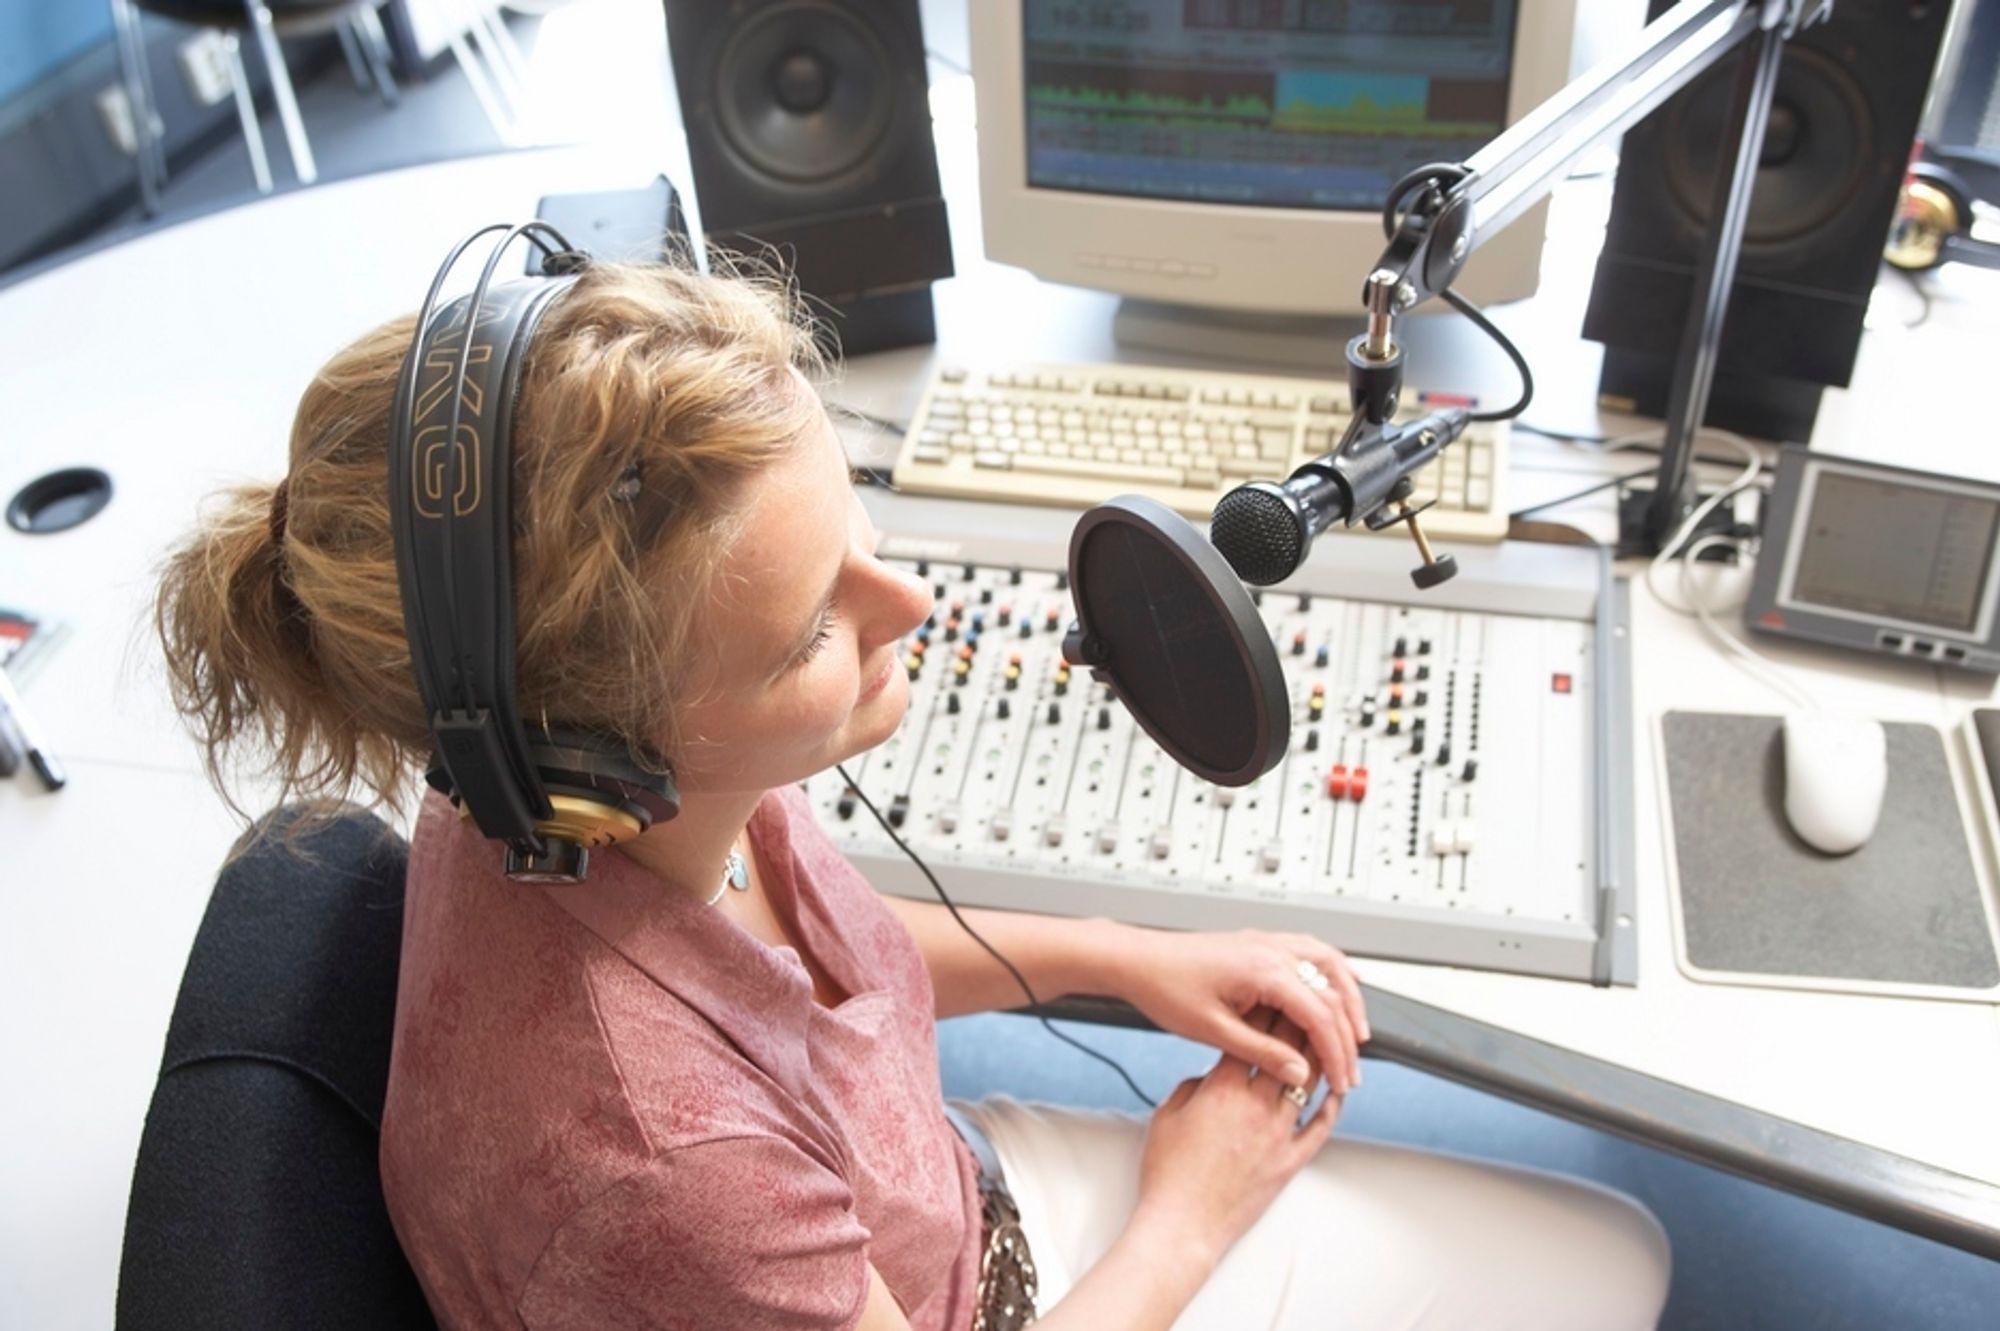 URETTFERDIG TEKNOLOGI: Radiobransjen venter spent på stortingsmeldingen om radio for å få en slutt på den urettferdigheten den mener FM-teknologien skaper i dag.